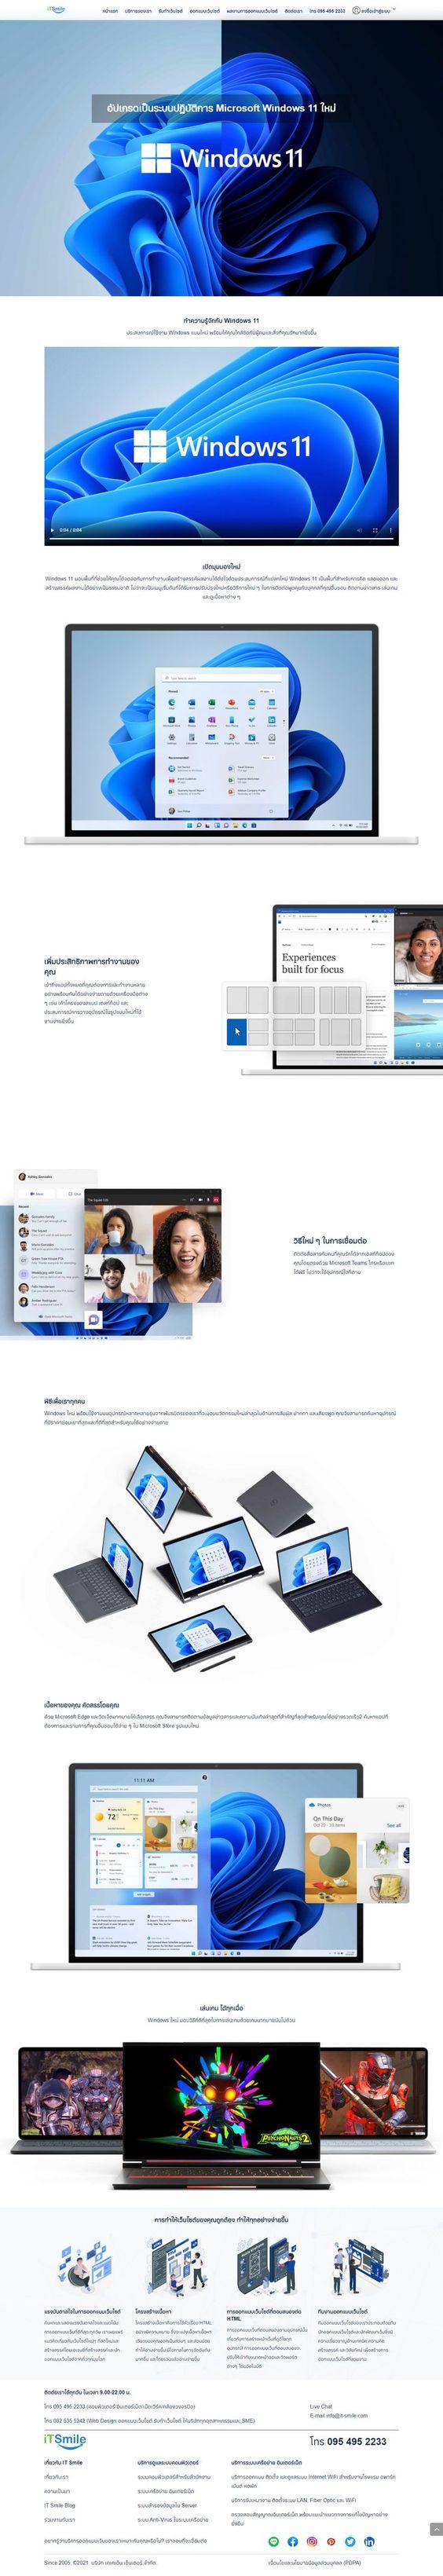 ออกแบบเว็บไซต์ วินโดวส์ 11